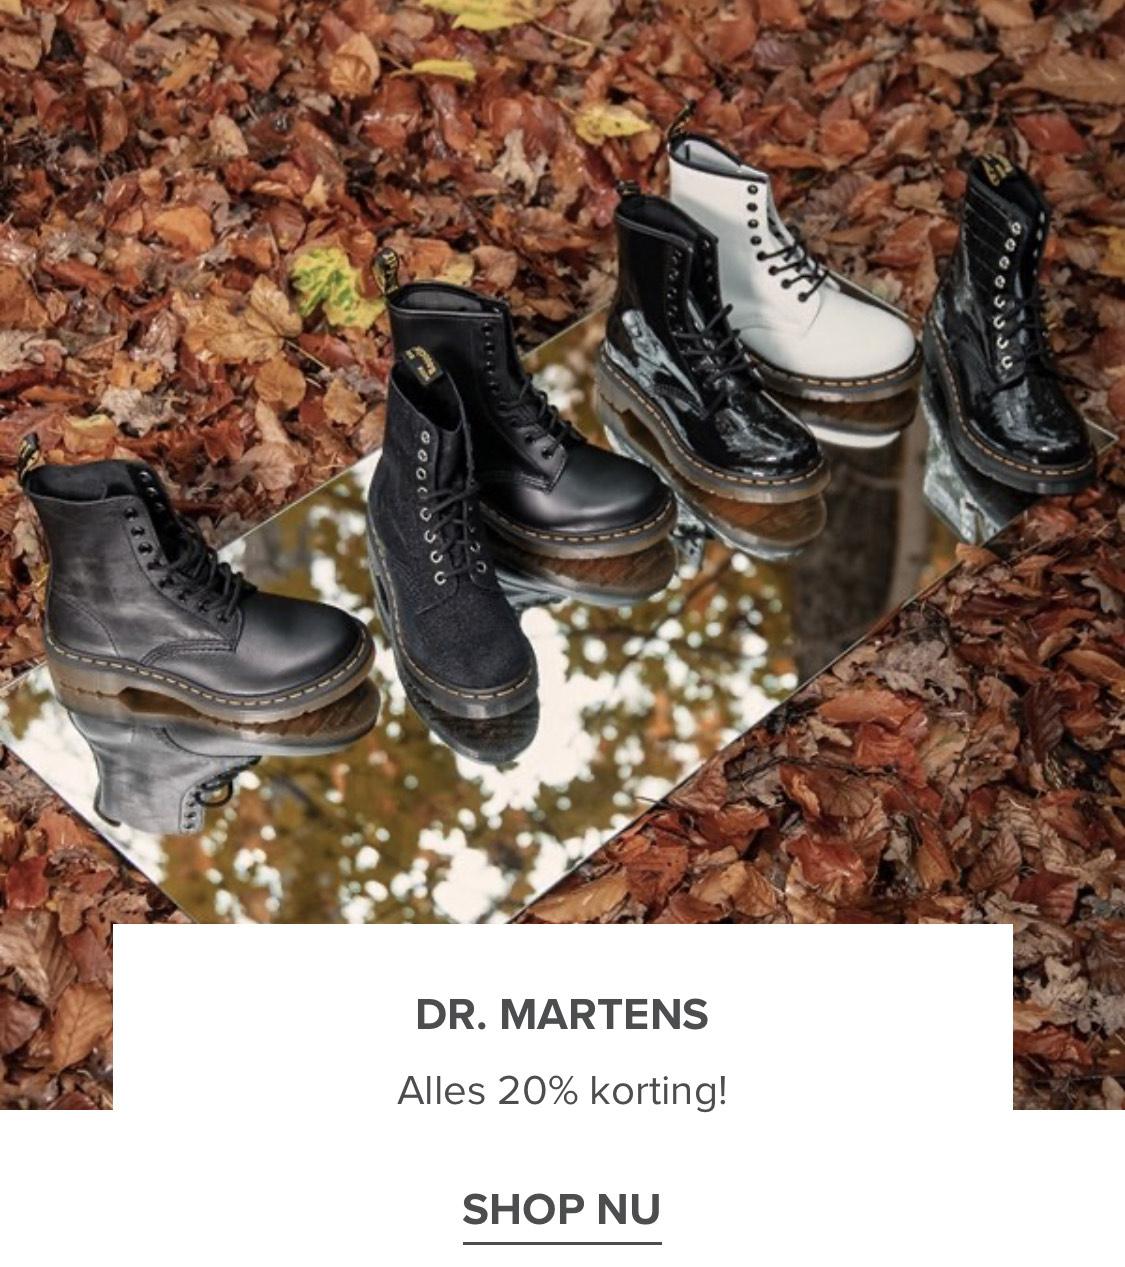 Dr. Martens alles - 20%